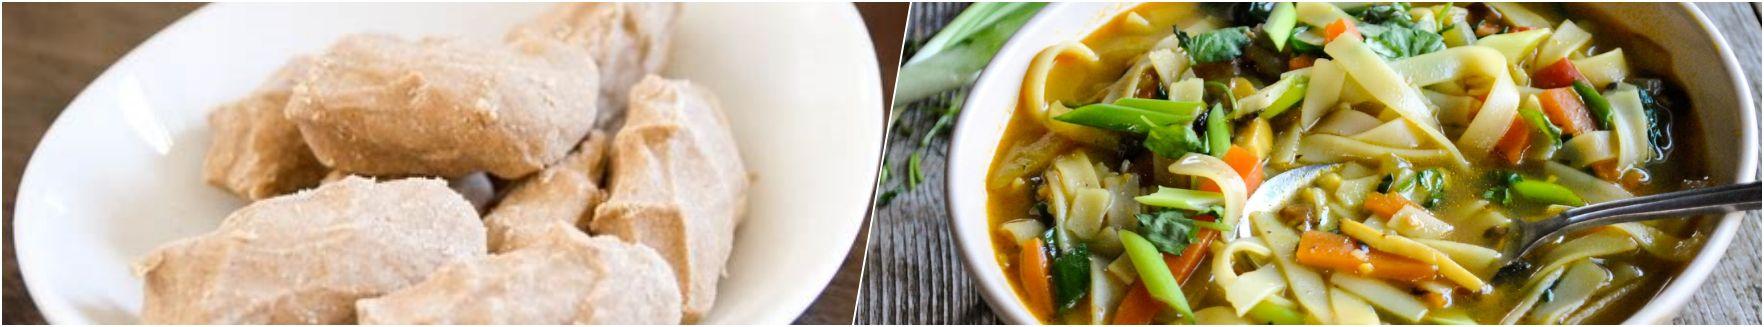 tibet food